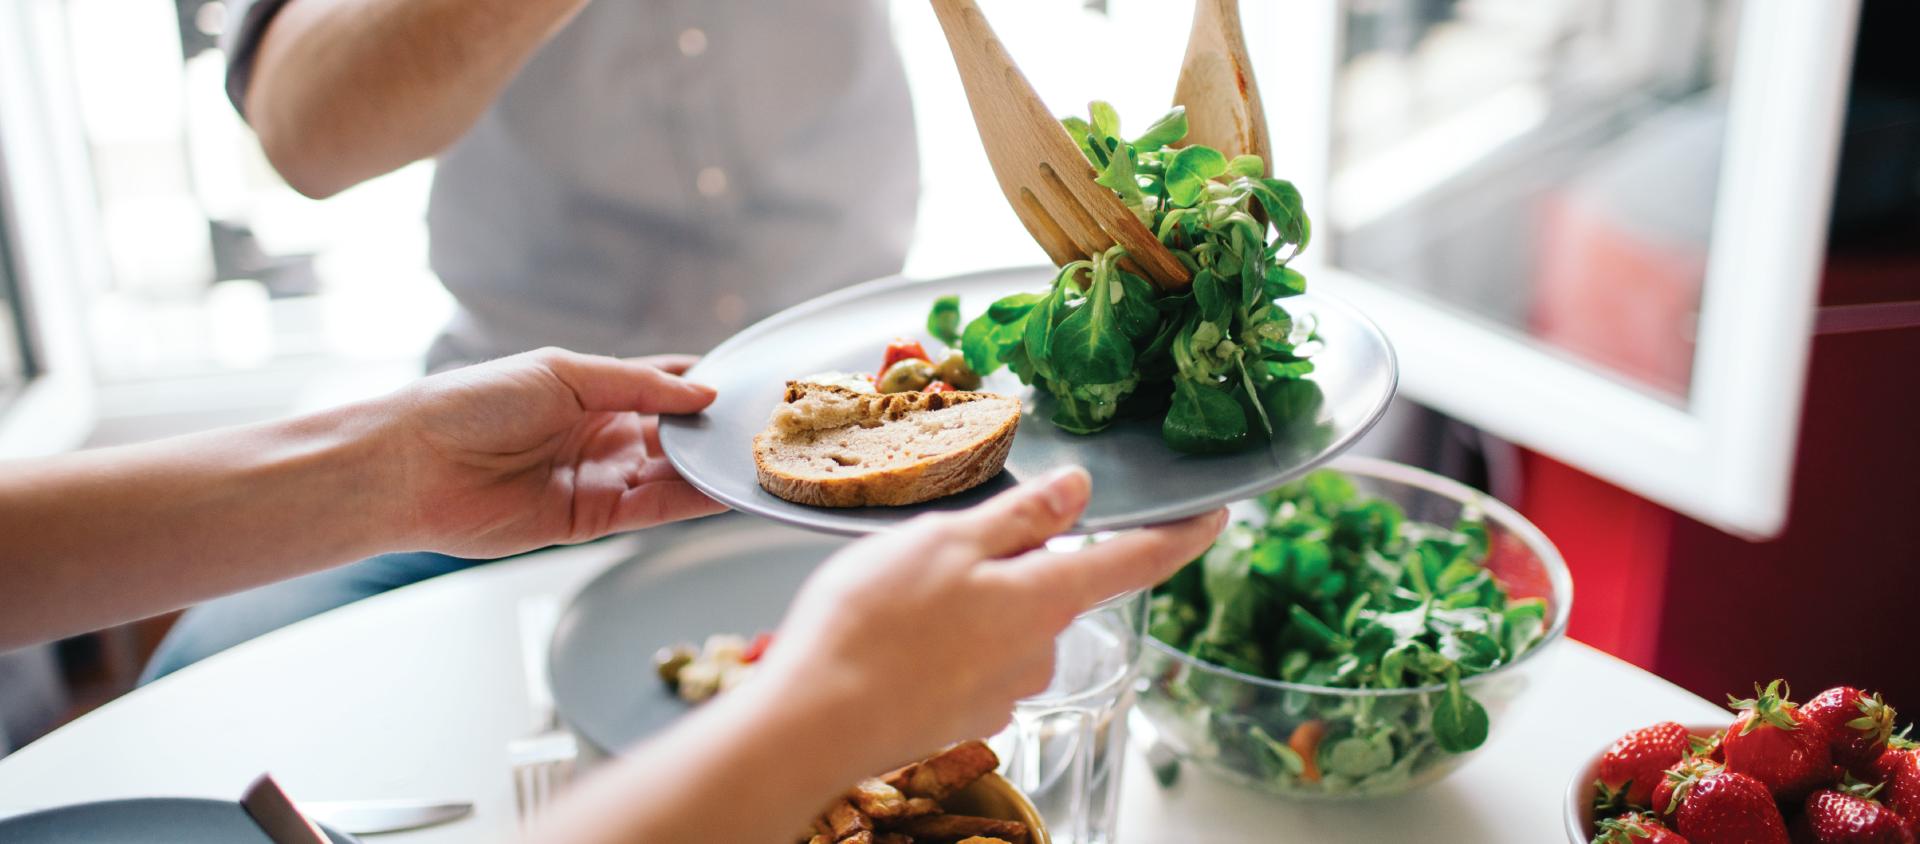 Seu nível de produtividade tem relação com o que você come